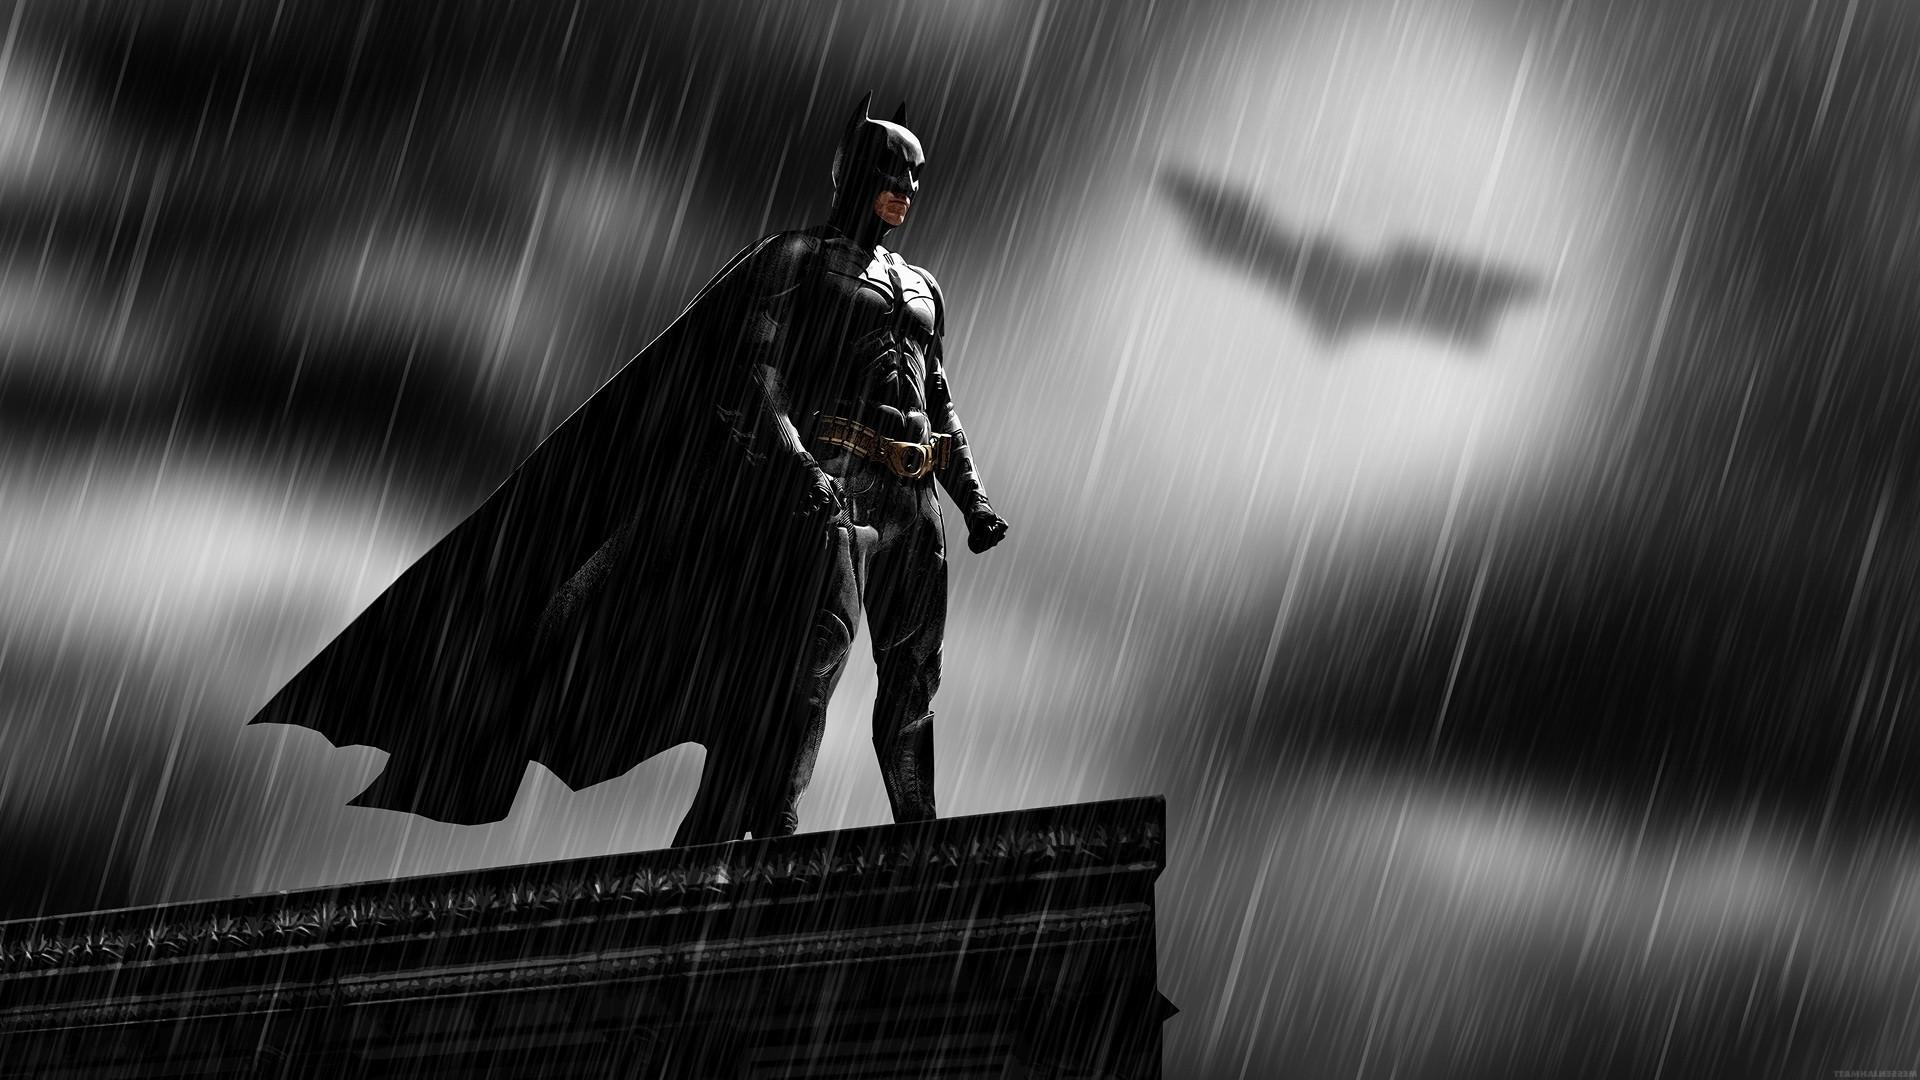 Bat Signal Wallpaper 70 Images